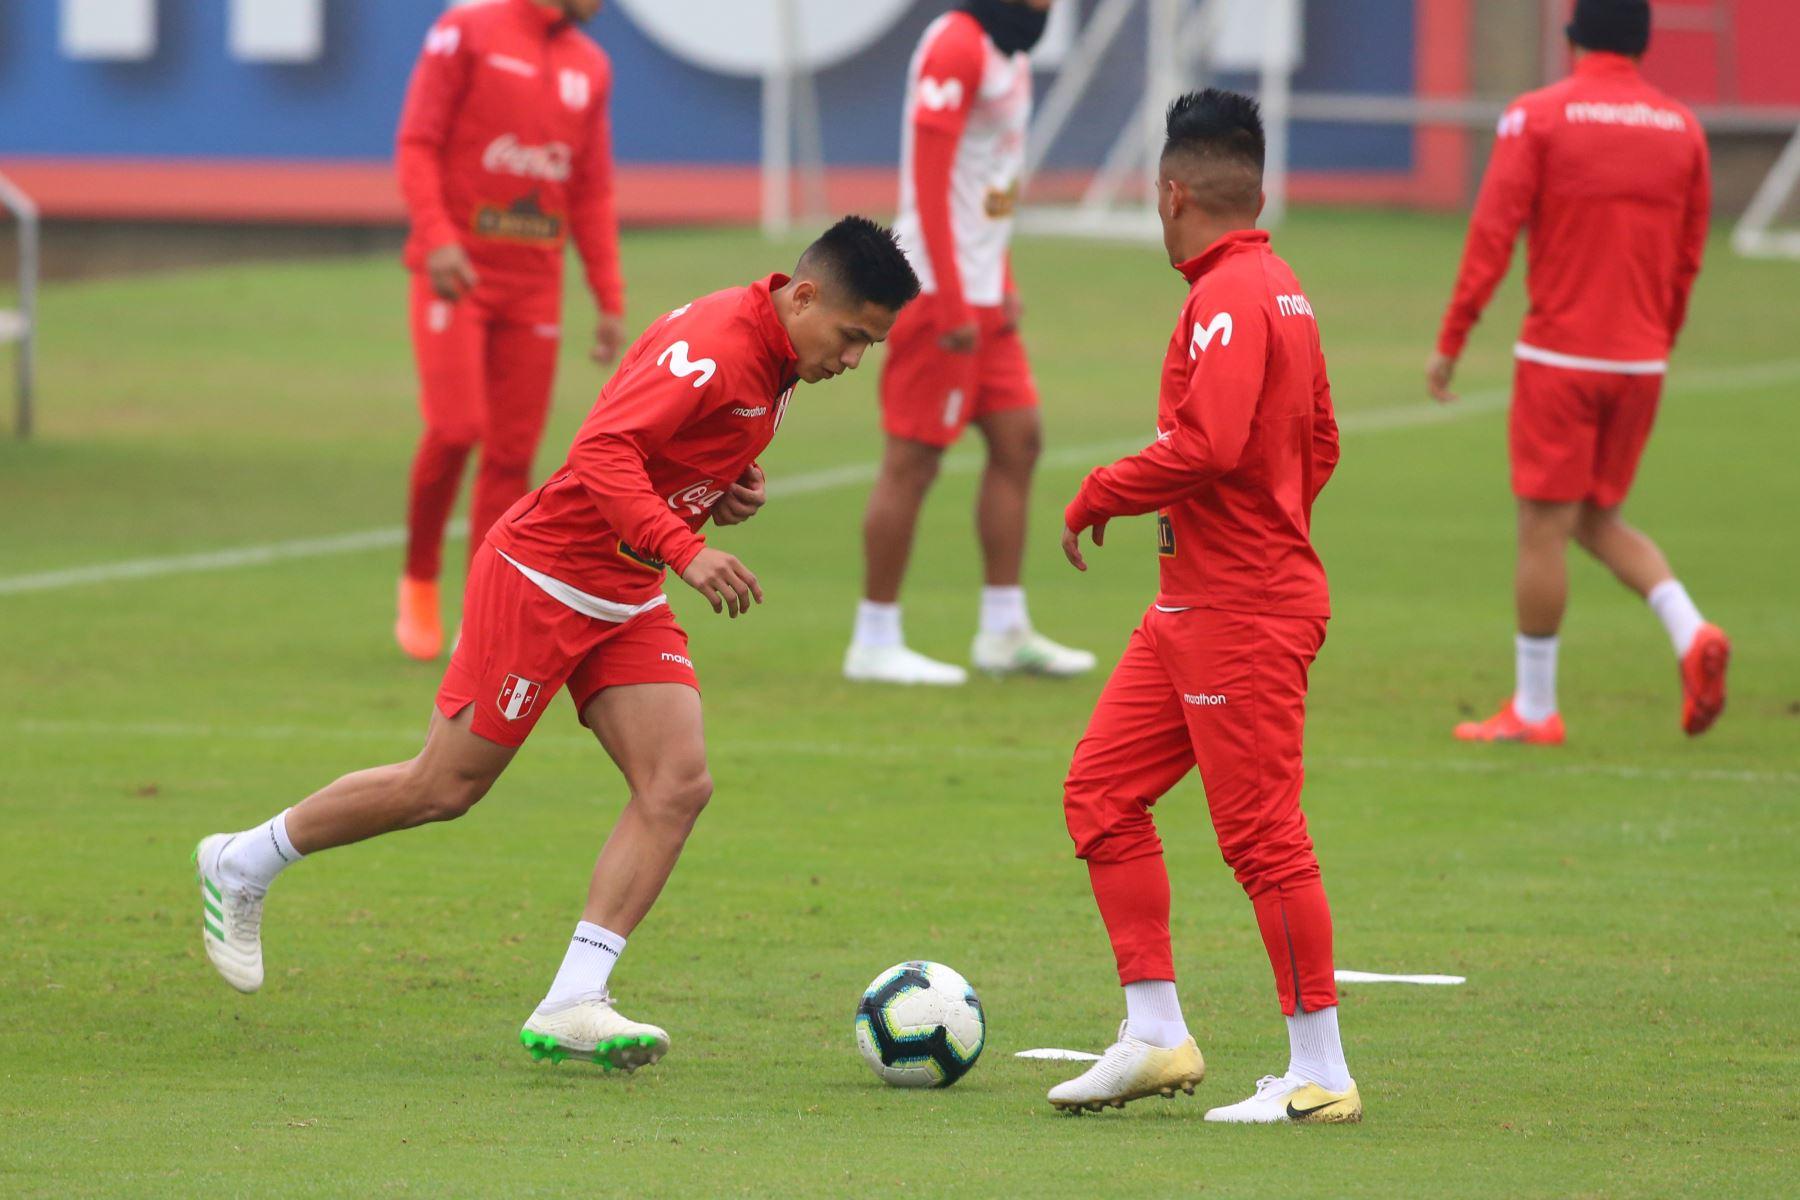 Entrenamiento de la selección Peruana de fútbol previo al partido amistoso, con la selección de Colombia, en la Videna. Foto: ANDINA/Vidal Tarqui